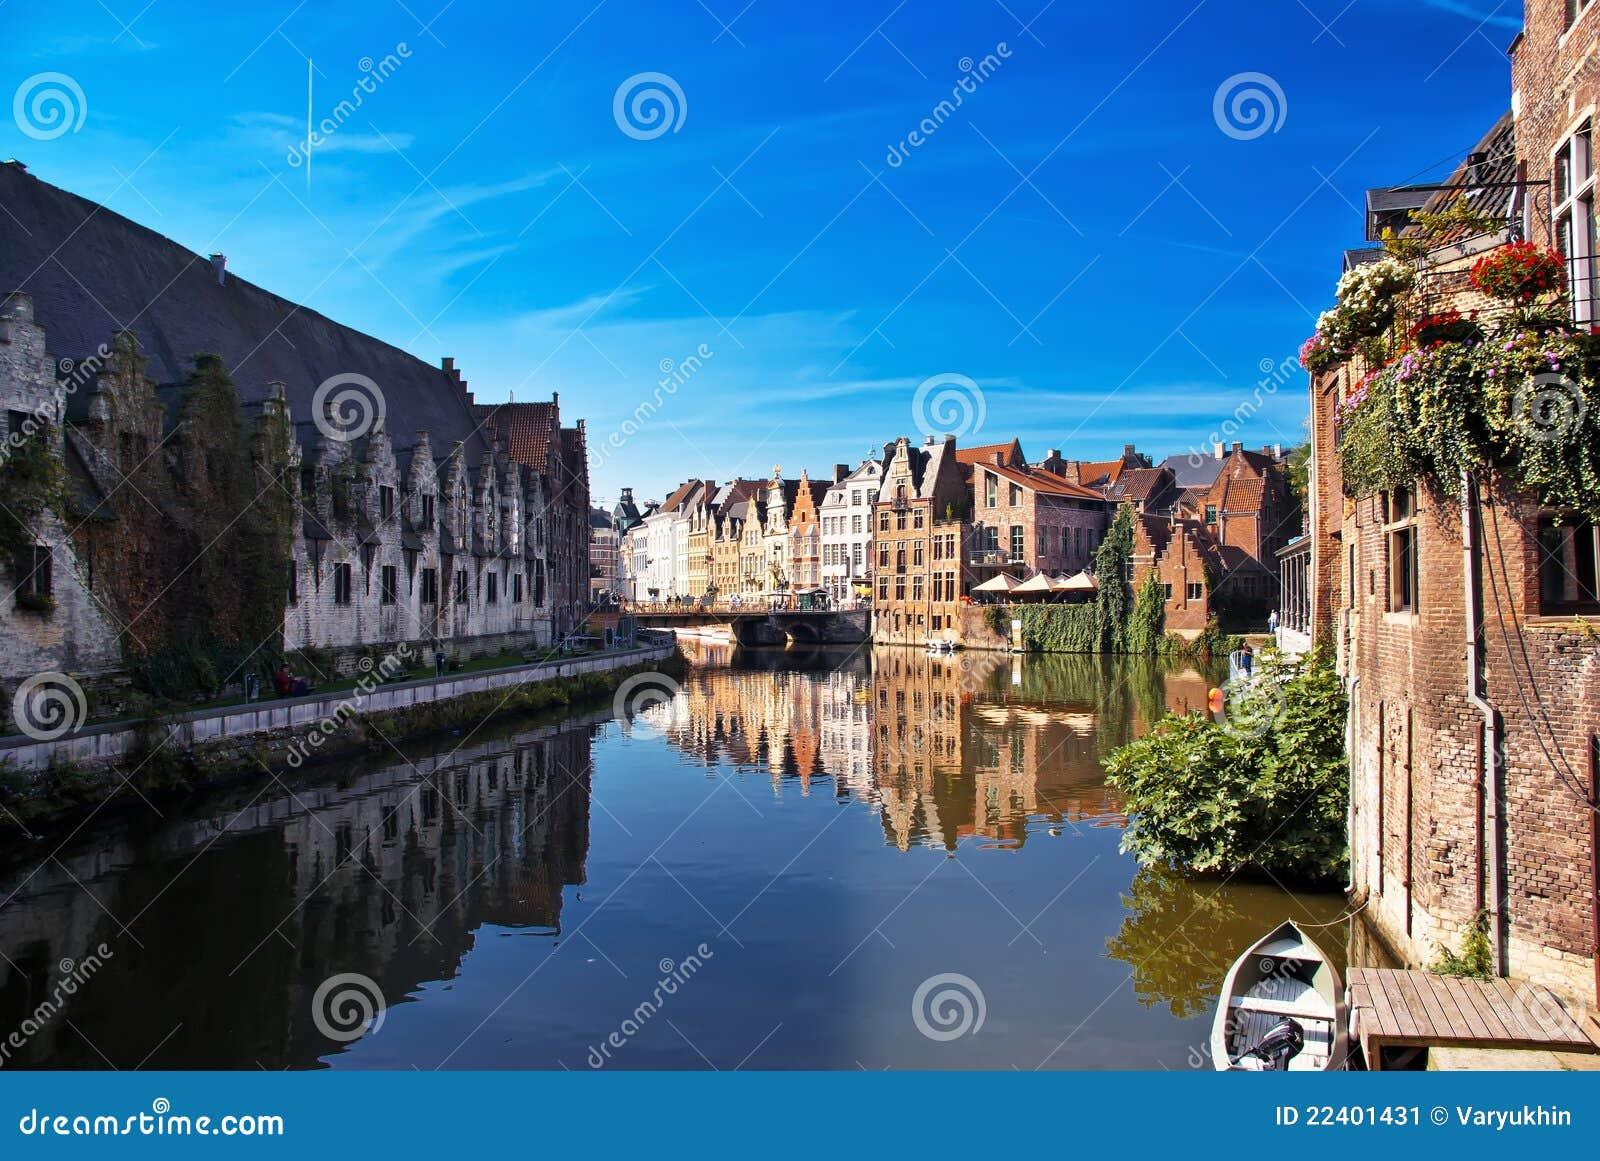 Canaletas de Bruges.